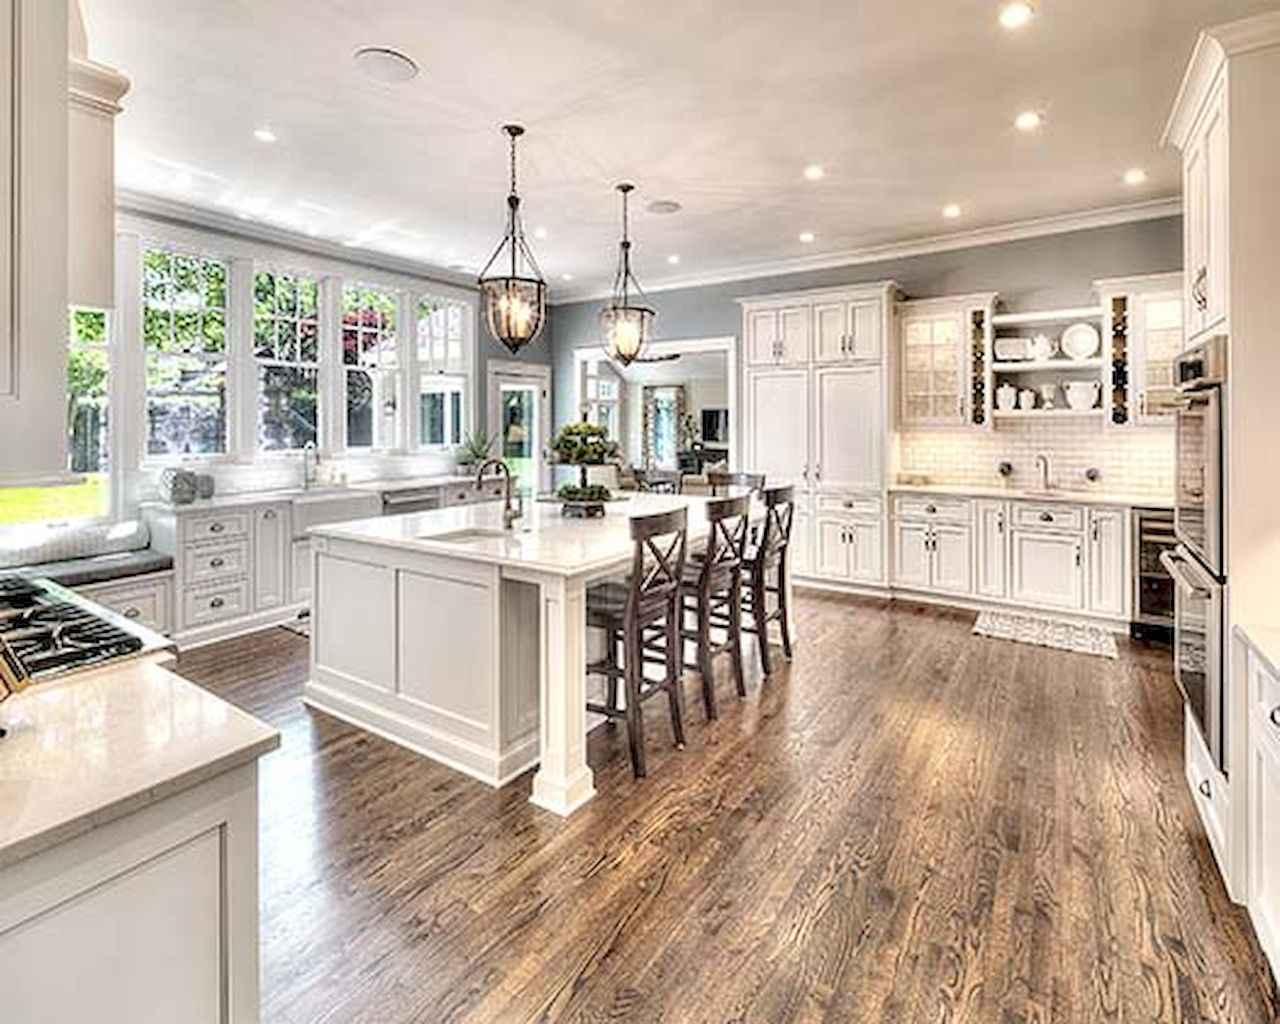 50 farmhouse kitchen decor ideas 16 for 50s kitchen decorating ideas